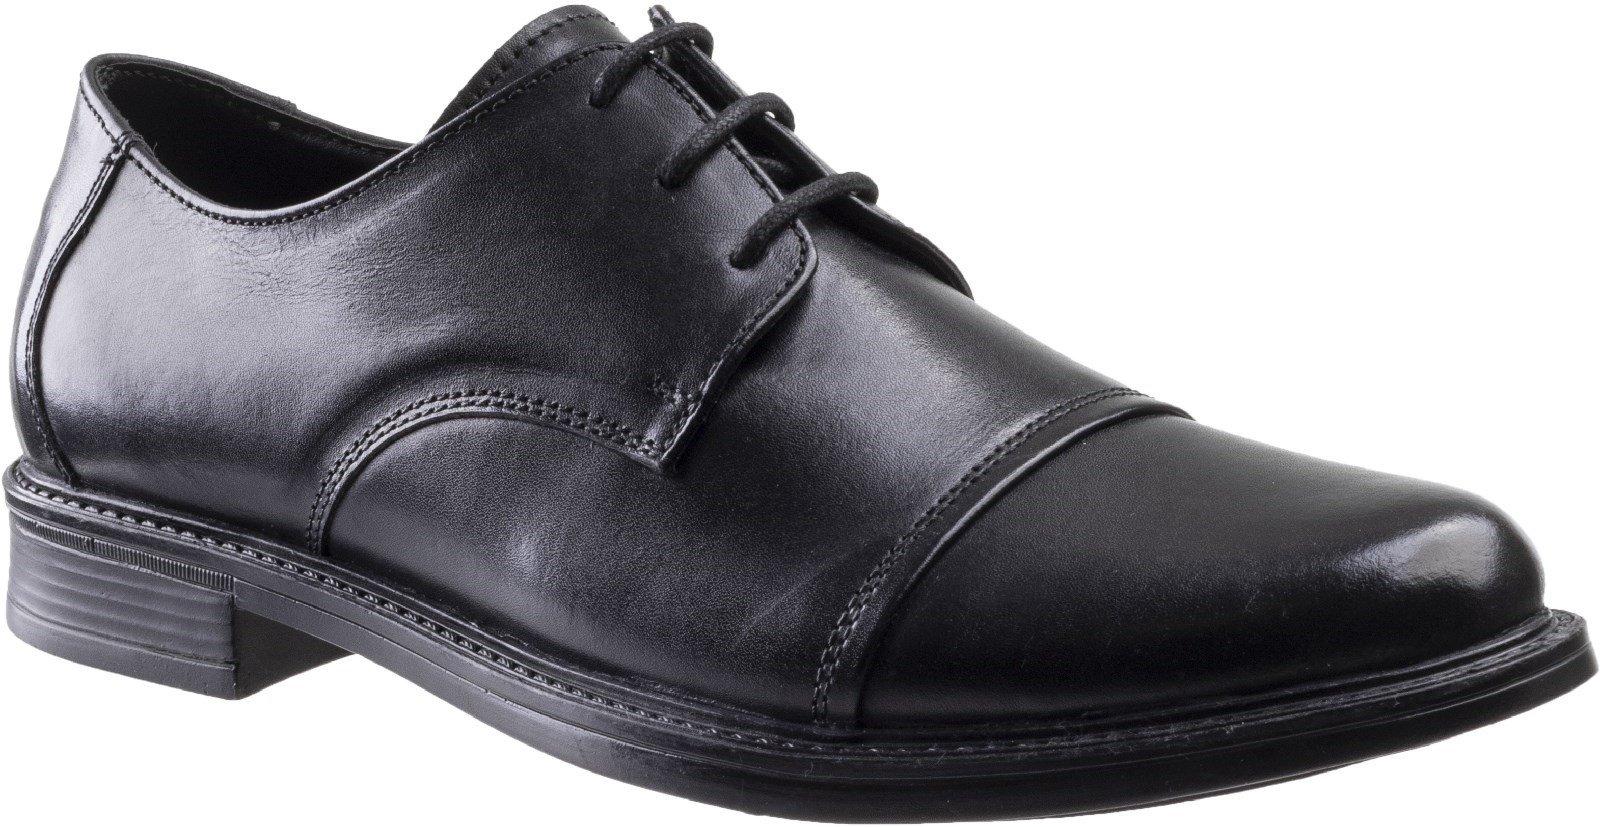 Amblers Men's Bristol Lace Up Shoe Black 30073 - Black 12